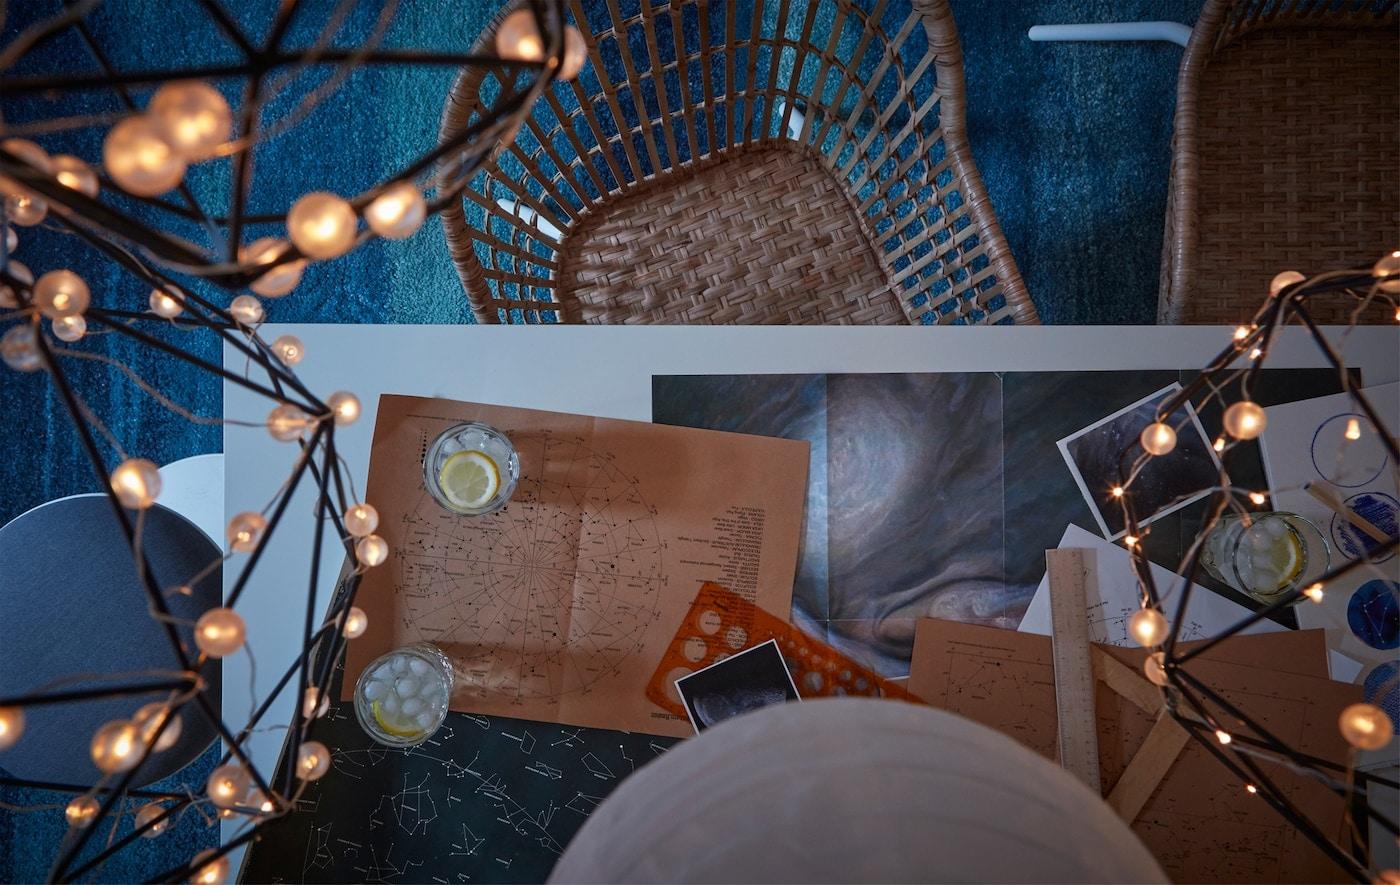 Stůl s hvězdářskými potřebami, proutěné židle, LED řetězy a modrý koberec